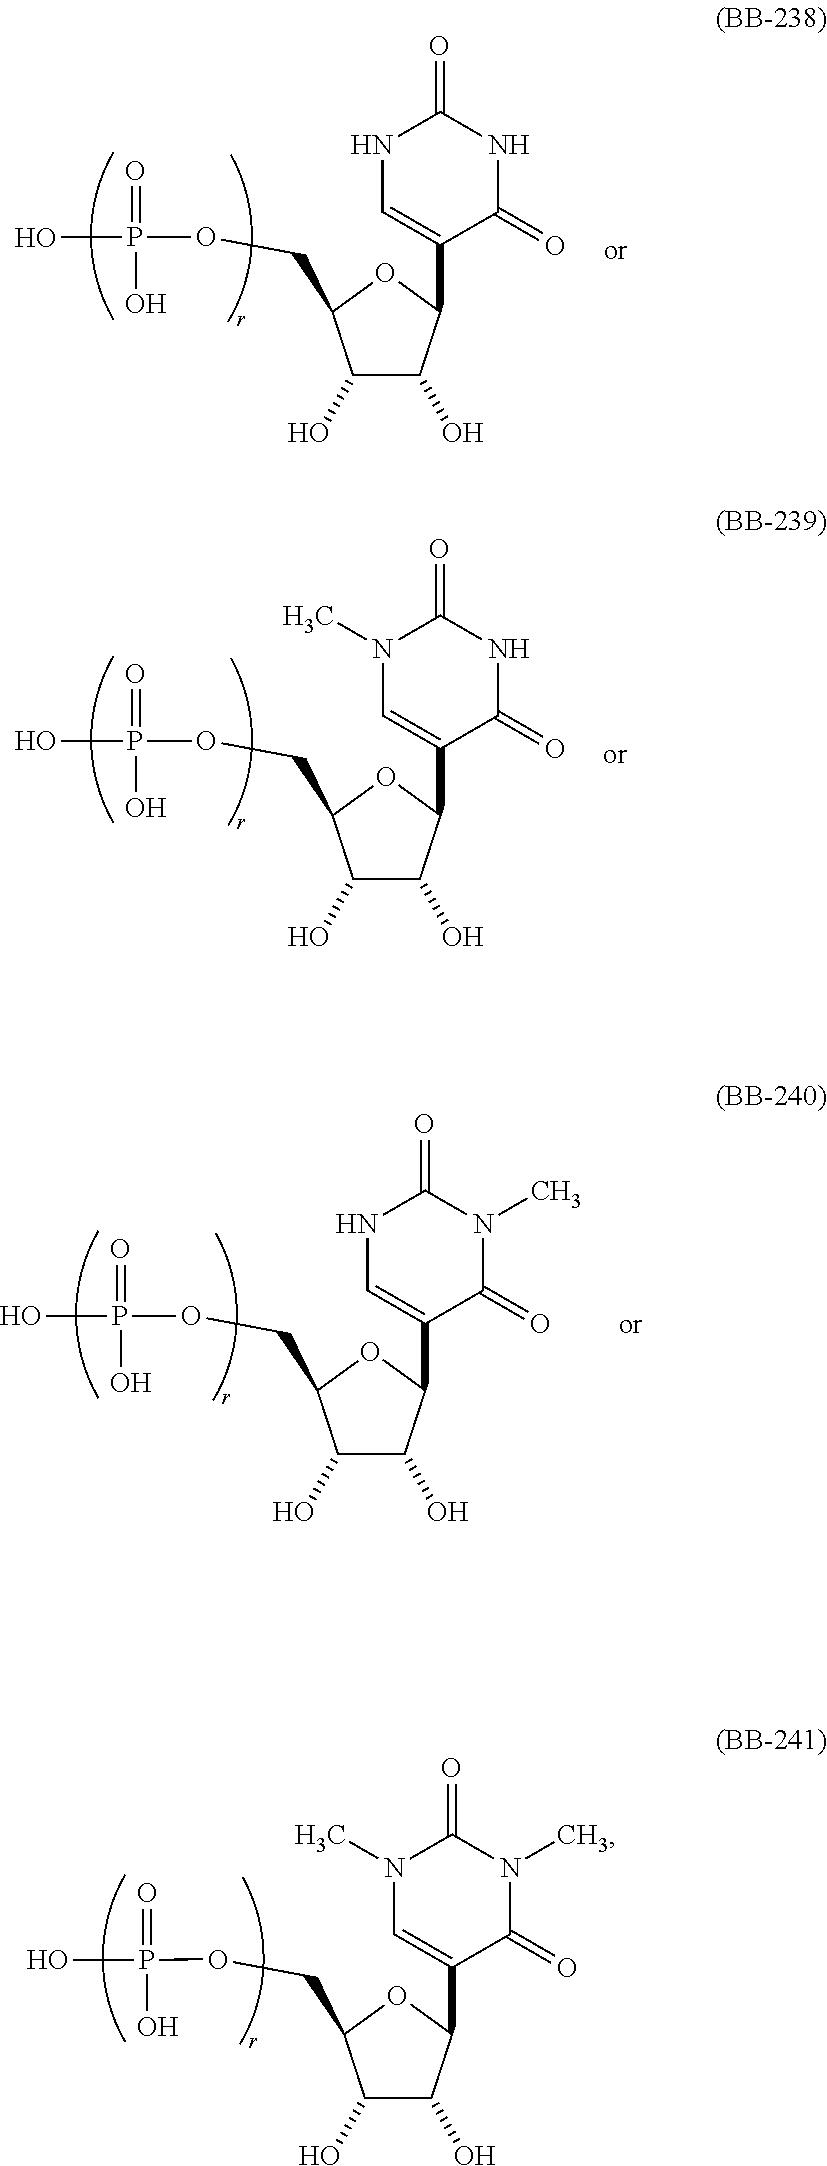 Slap H. reccomend Needle penetration ams method polyisobutylene